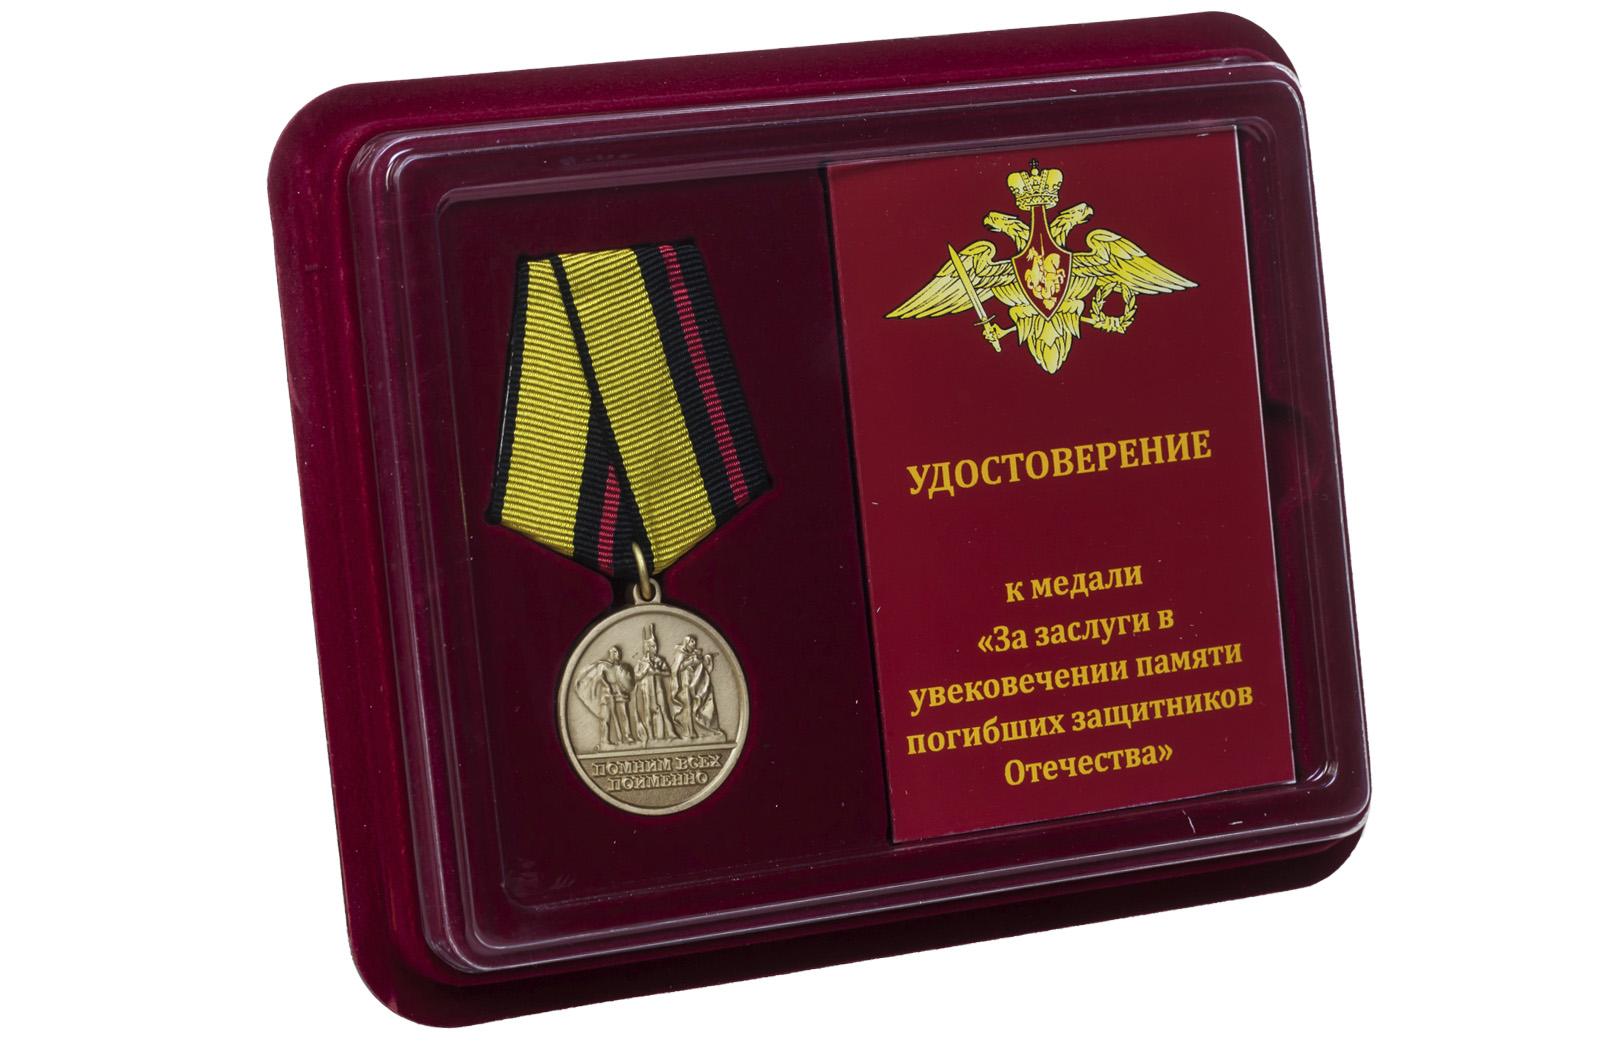 Купить памятную медаль За заслуги в увековечении памяти погибших защитников Отечества в подарок